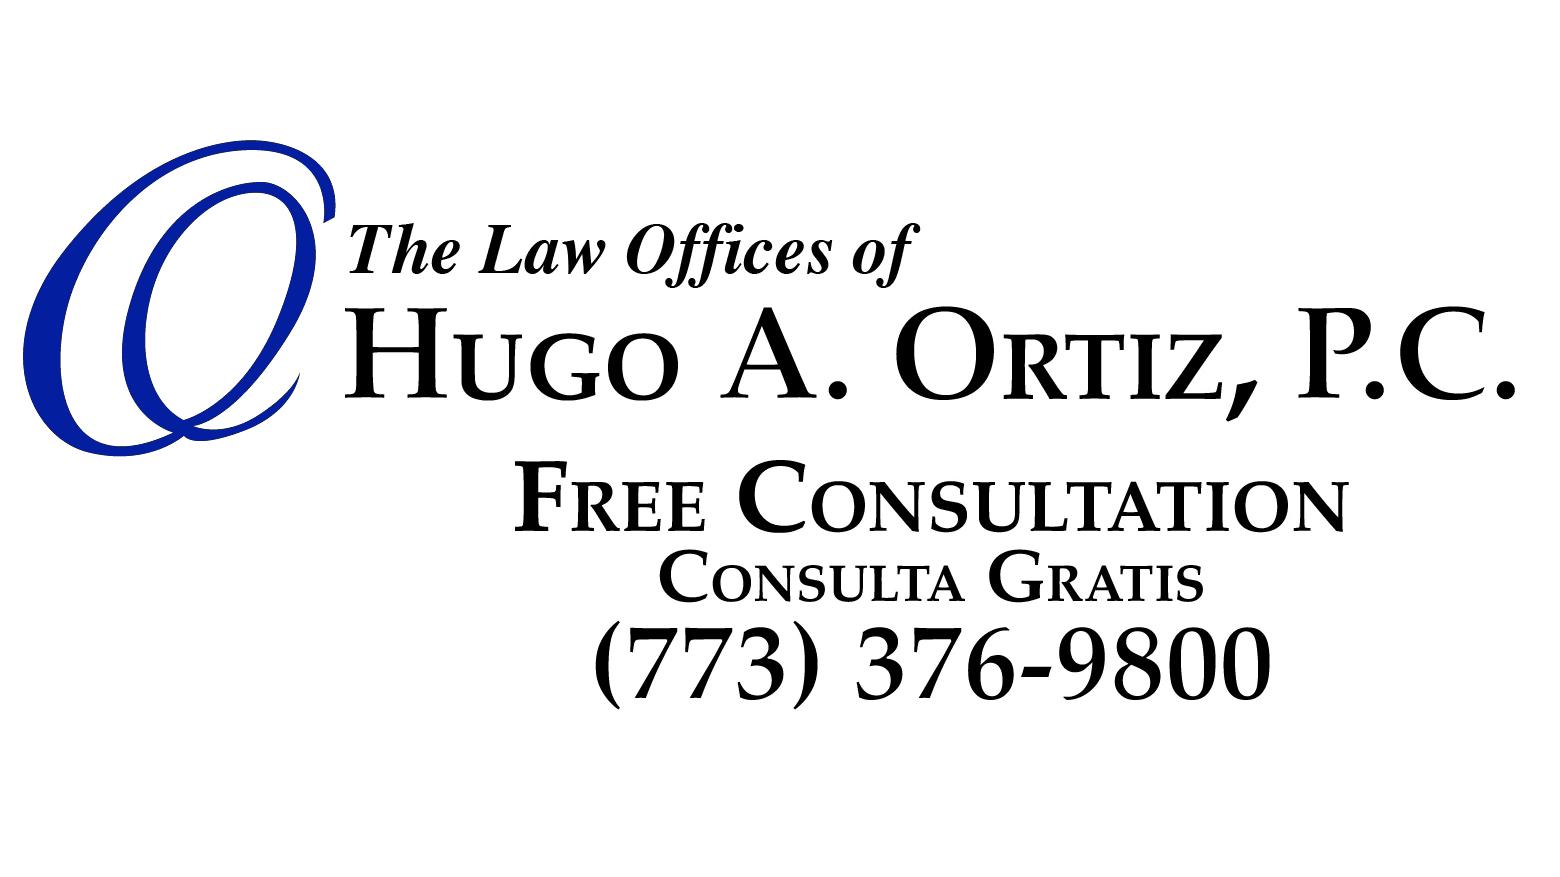 Hugo A. Ortiz, P.C.